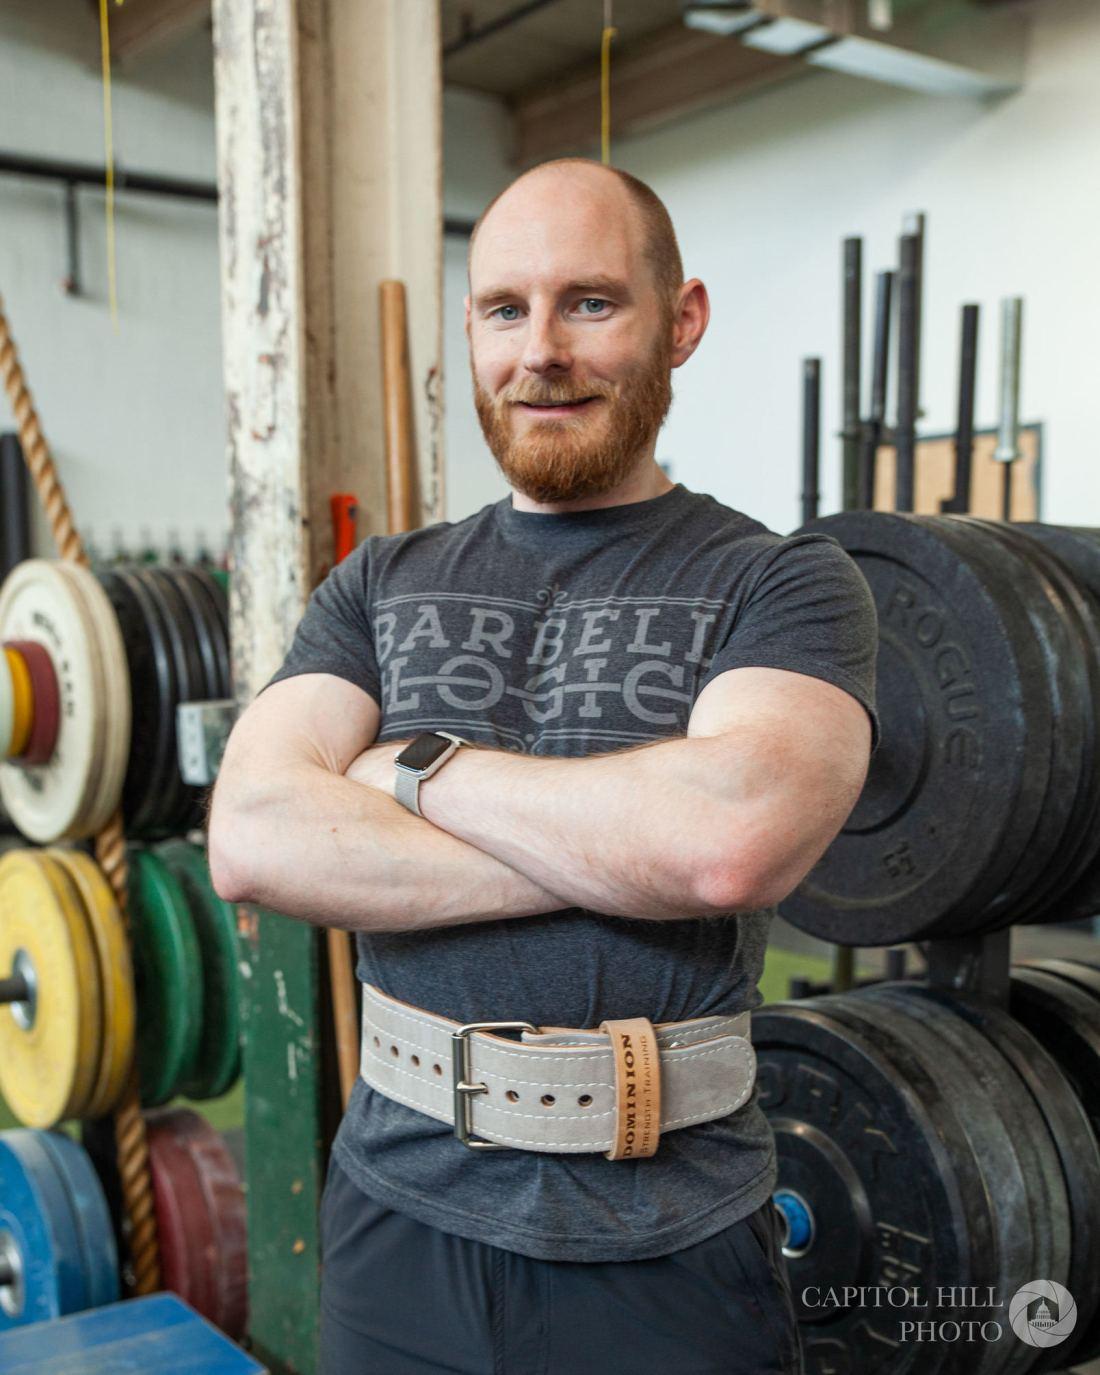 Robert wearing belt